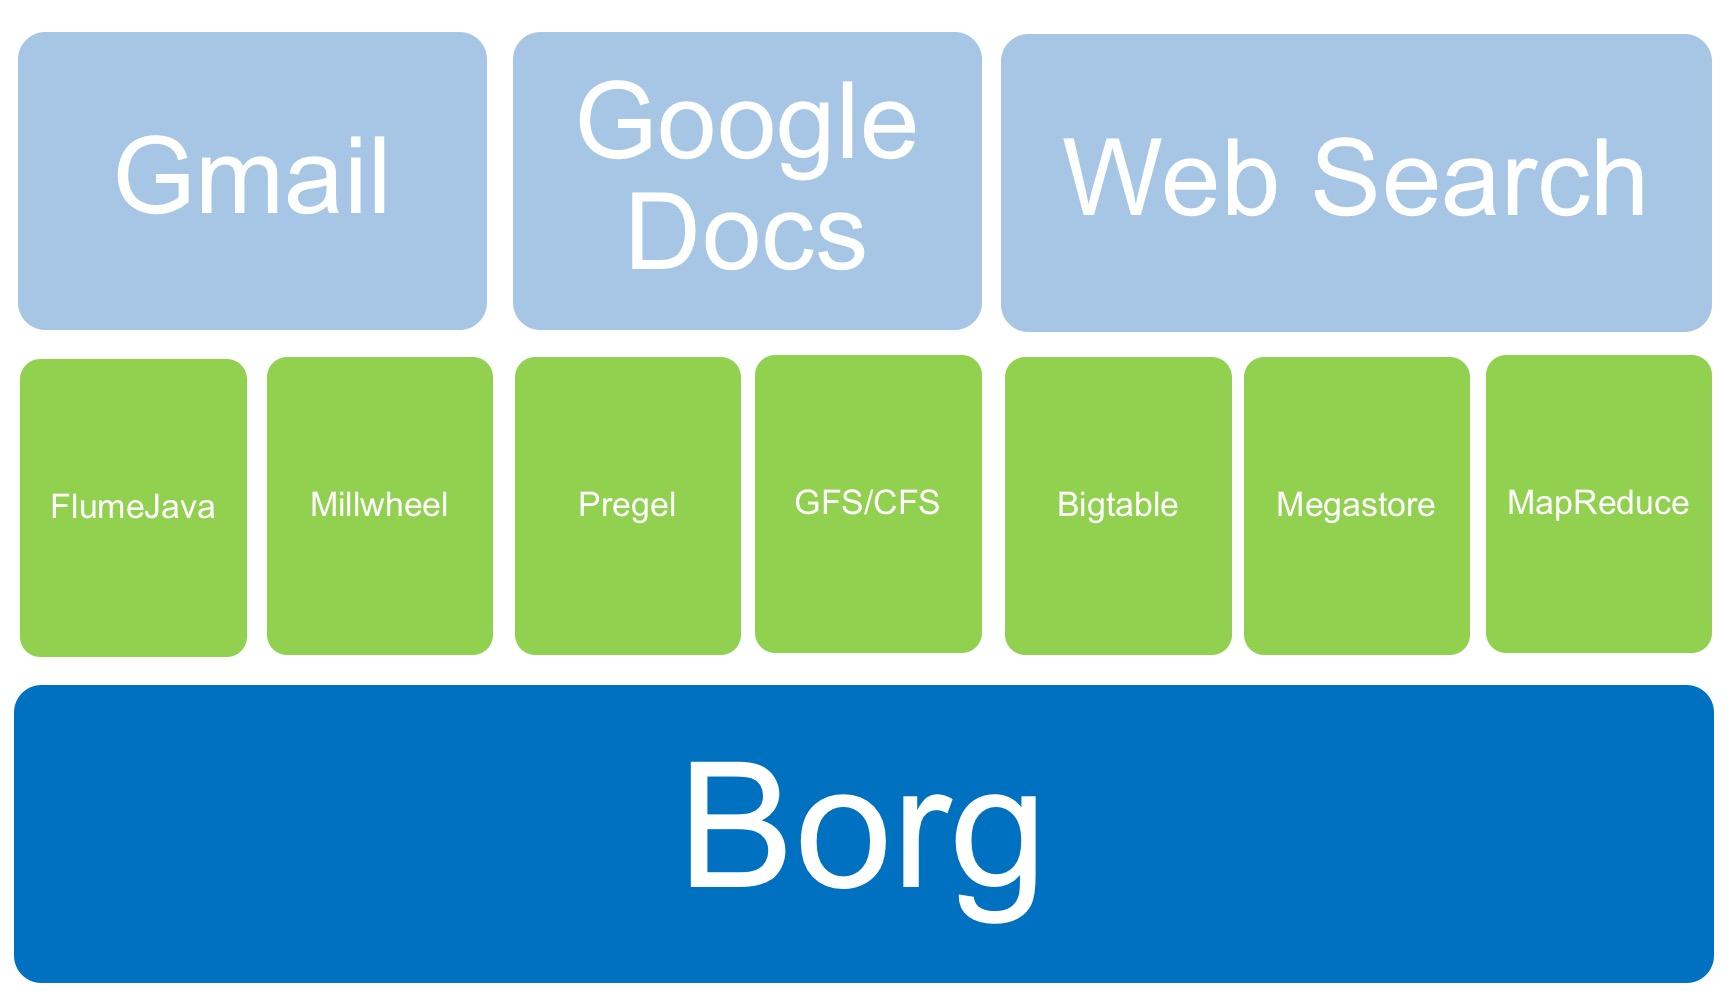 Borg_000008